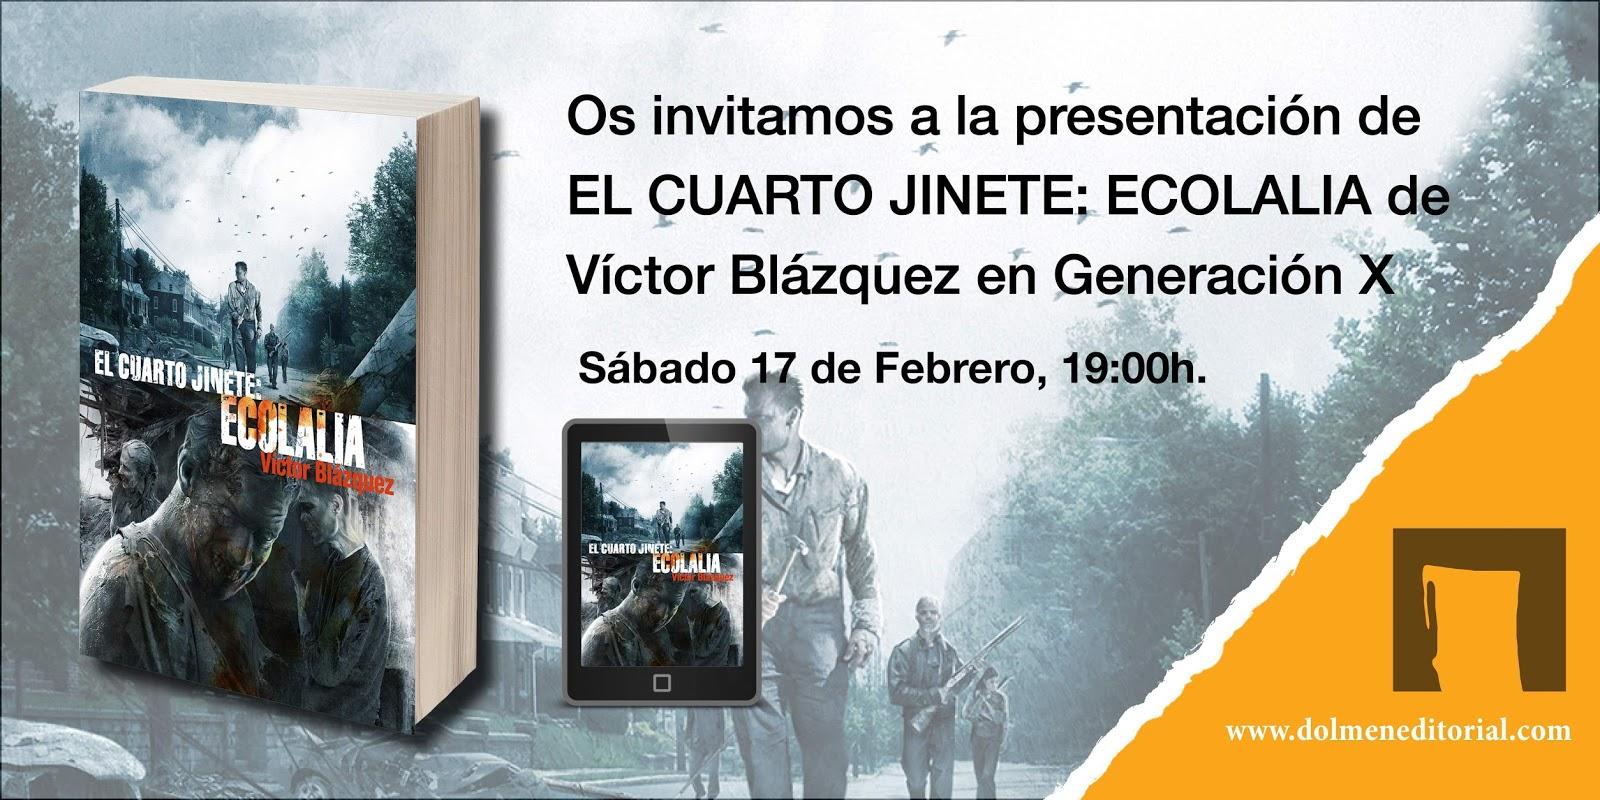 desdemimundo: Firmas y Presentaciones 295 - EL CUARTO JINETE va a MADRID